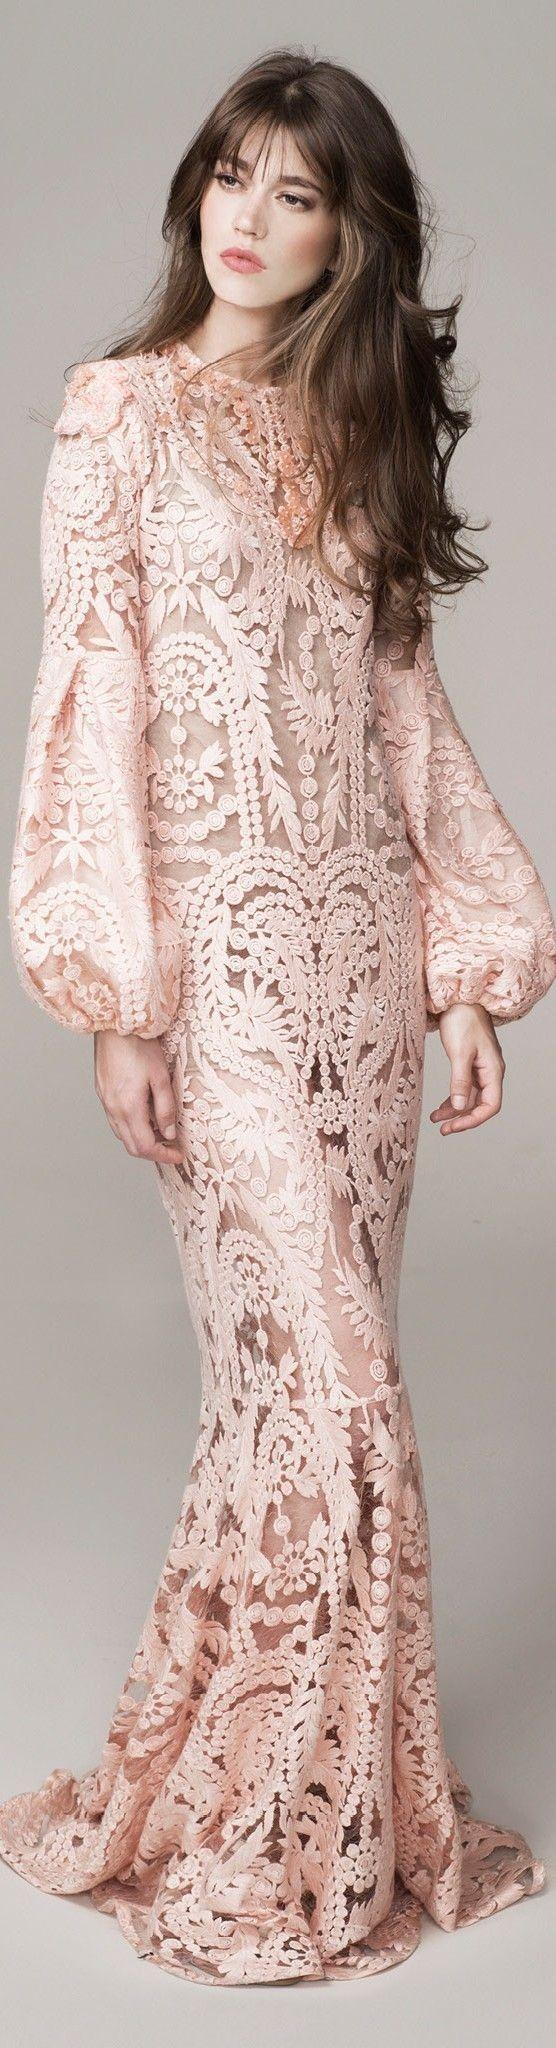 76 best uber frou images on Pinterest | Dream dress, 15th birthday ...